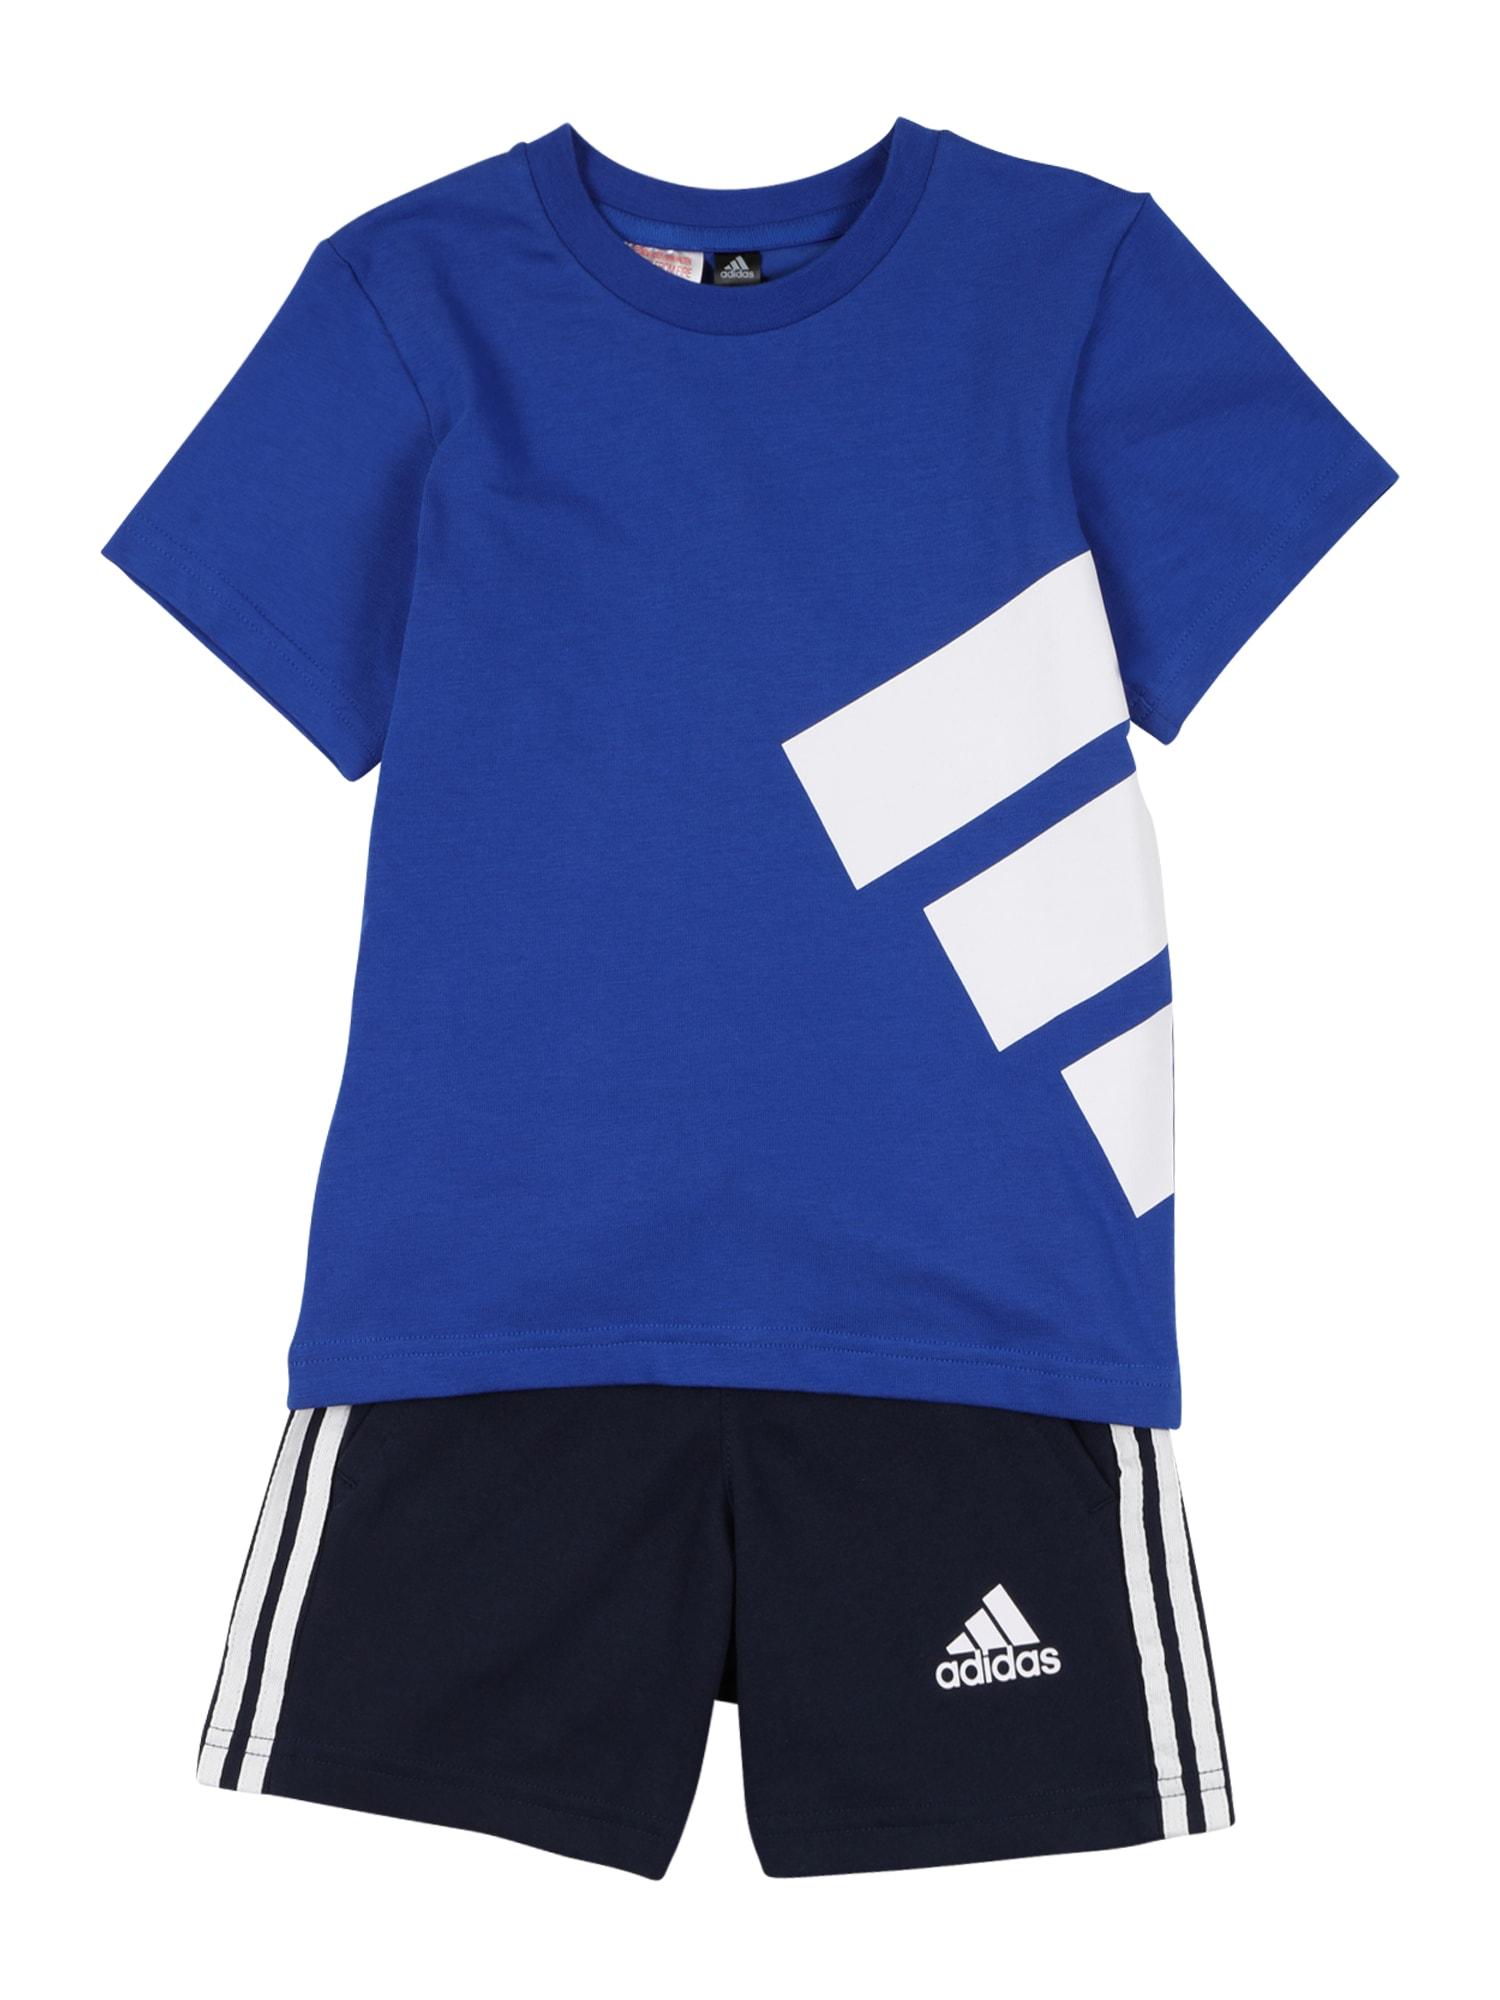 ADIDAS PERFORMANCE Treniruočių kostiumas mėlyna / nakties mėlyna / balta